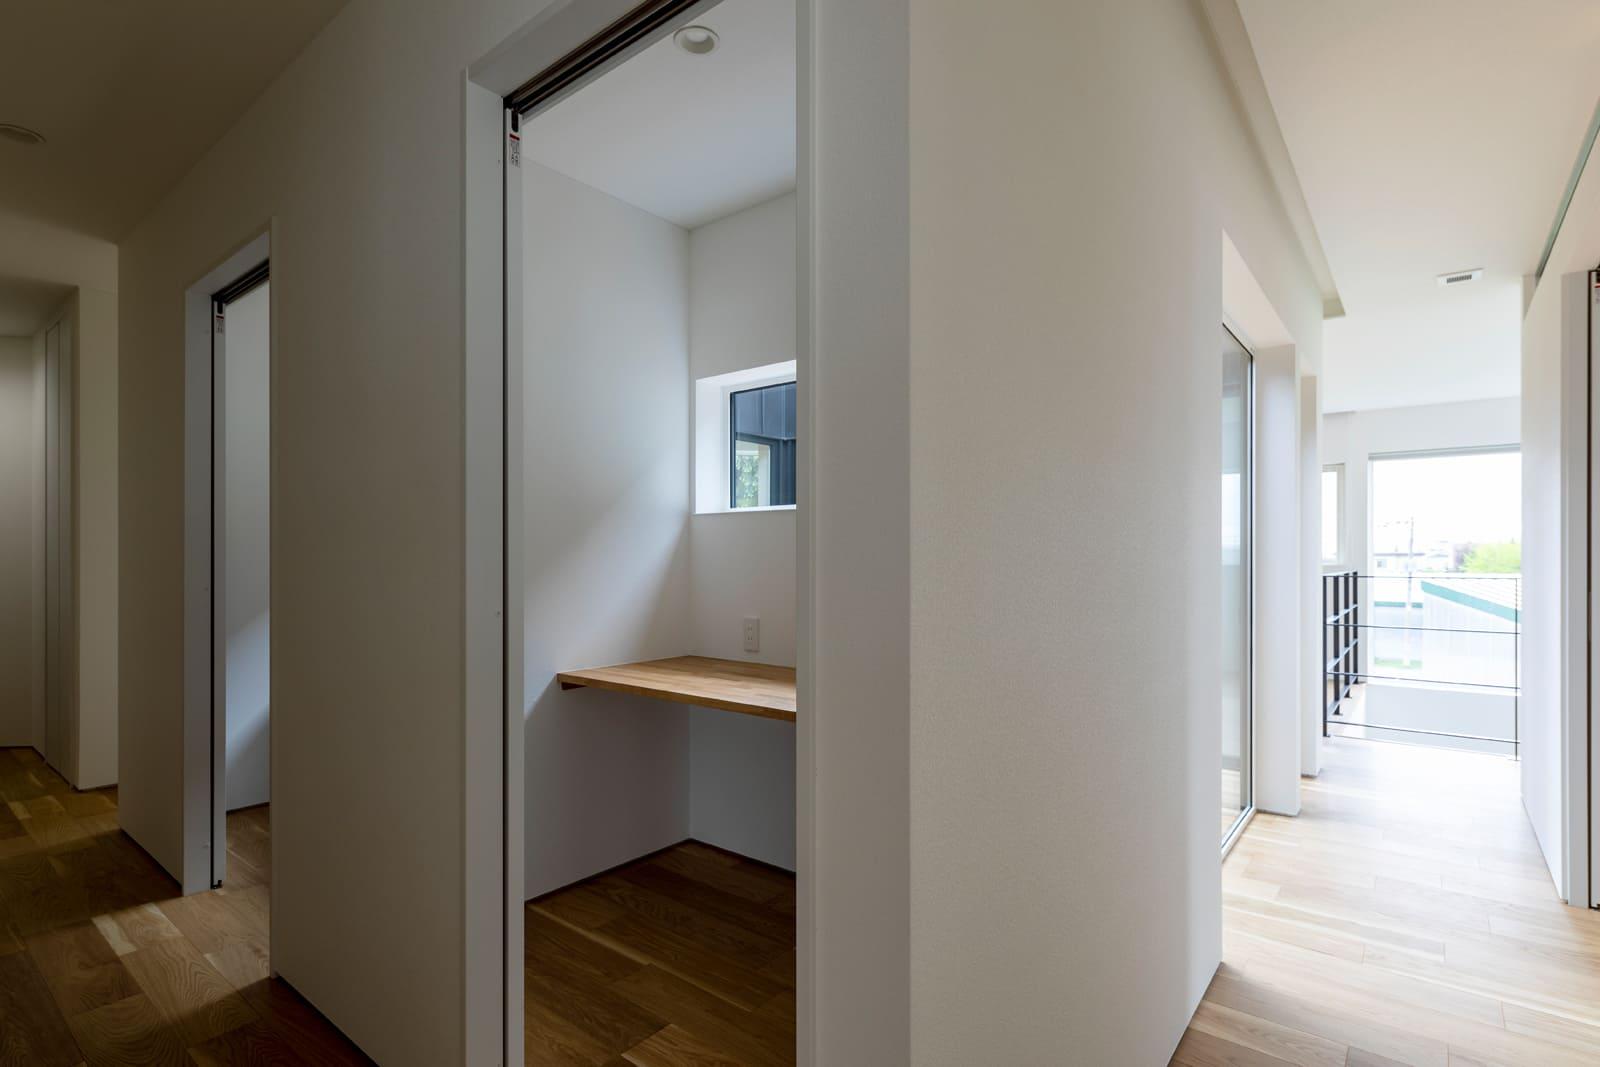 2室あるスタディルーム。リモート授業や勉強、趣味など「おこもり」ができる空間